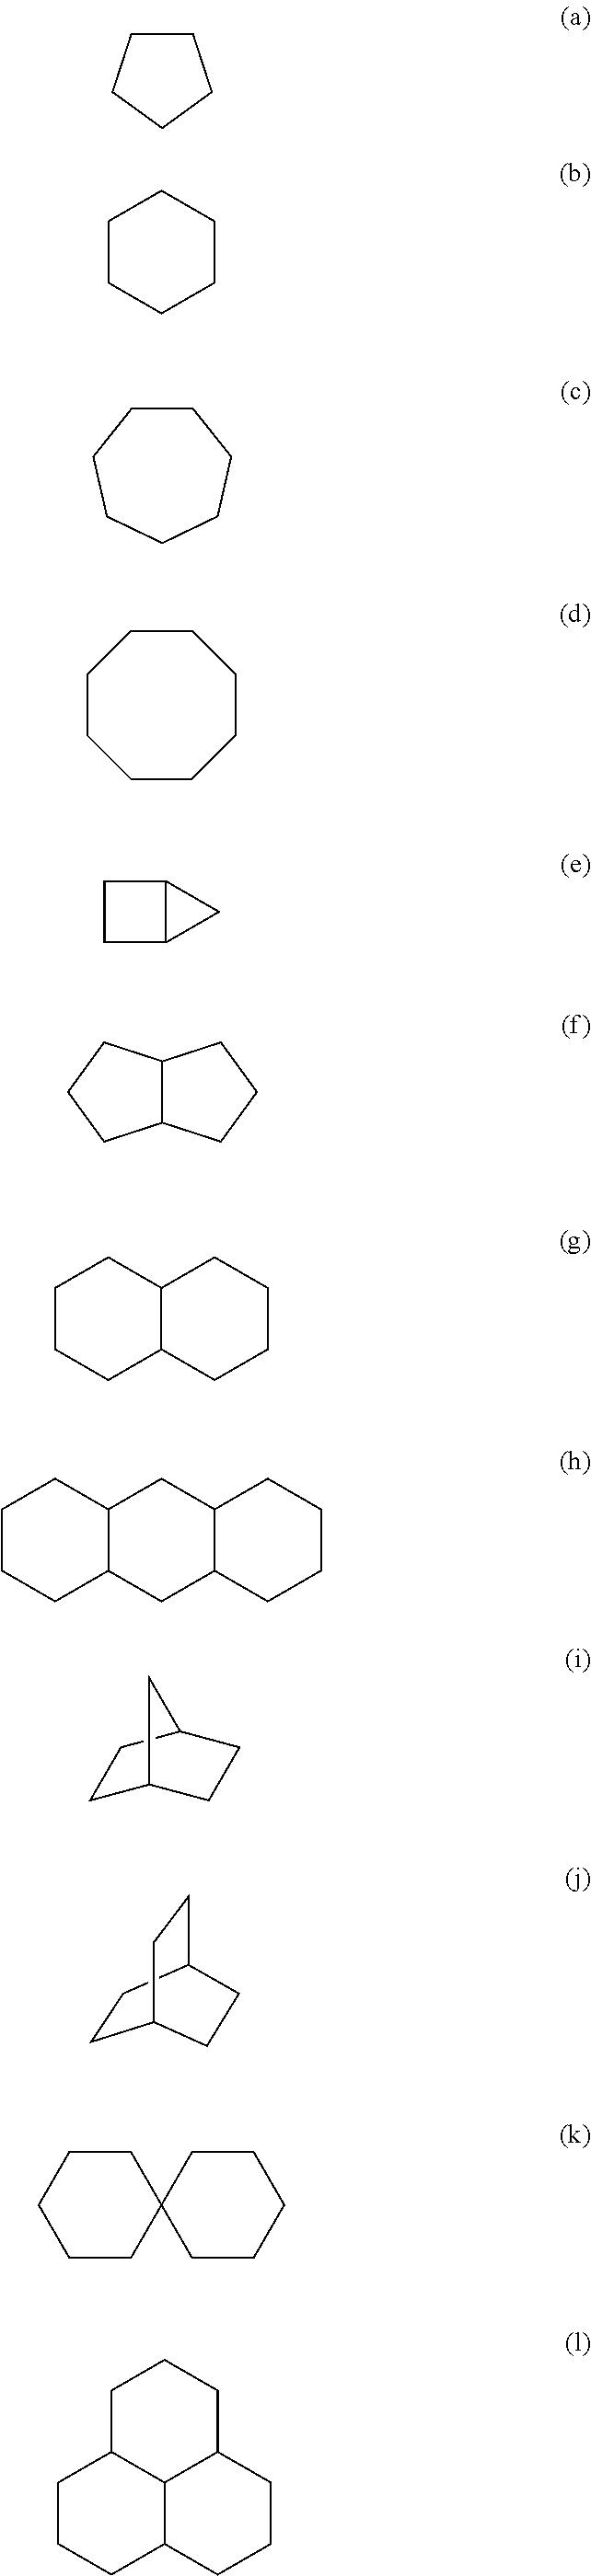 Figure US20150030967A1-20150129-C00005